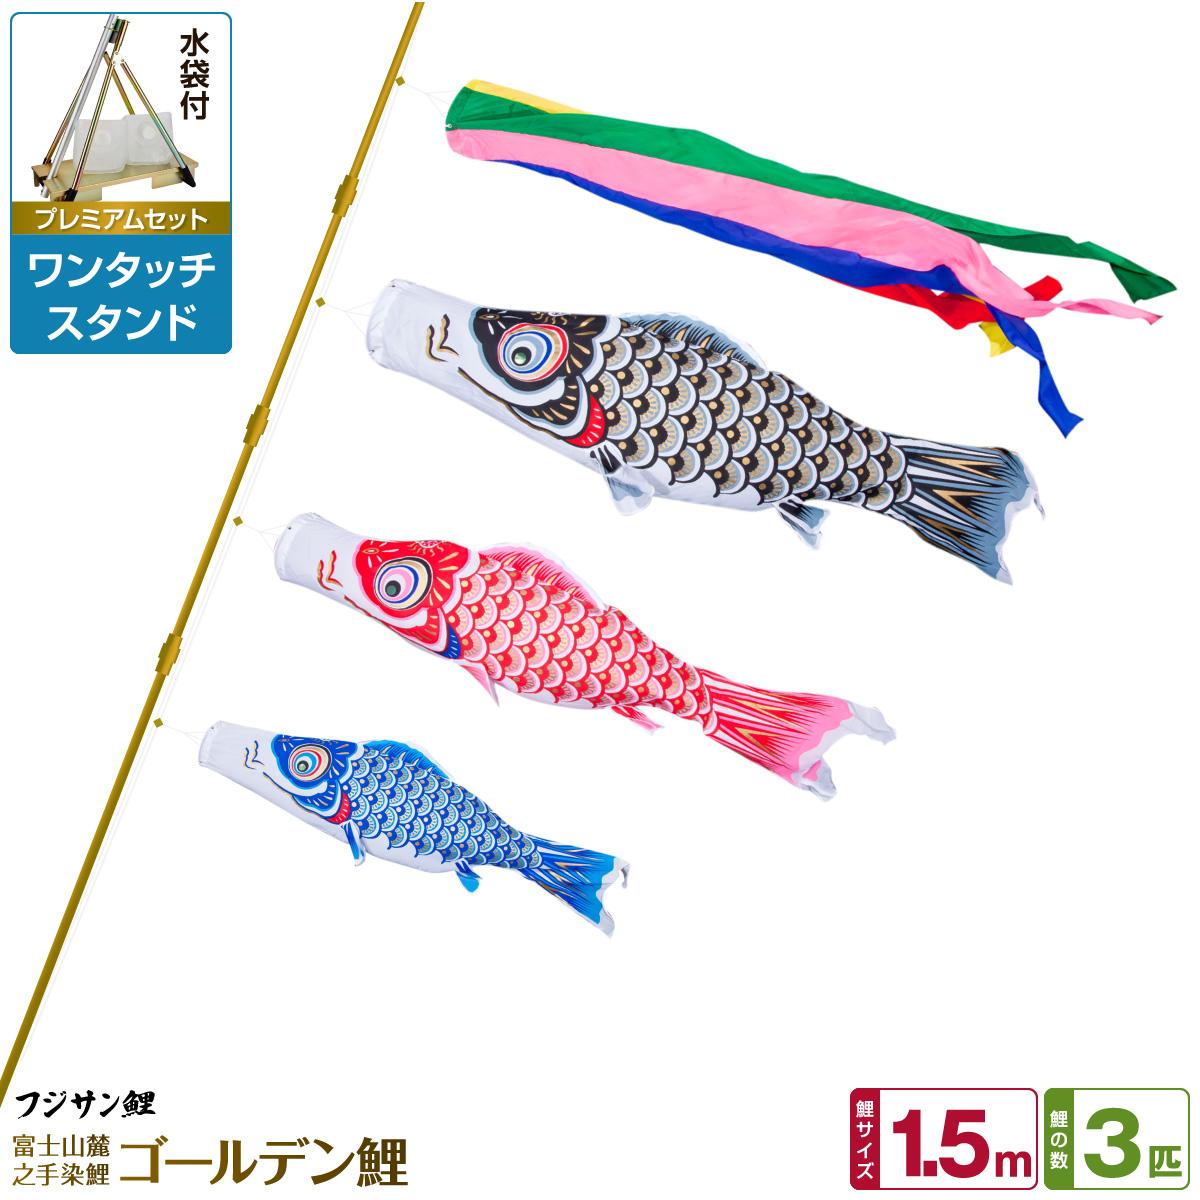 ベランダ用 ゴールデン鯉 こいのぼり 鯉のぼり フジサン鯉 こいのぼり ゴールデン鯉 1.5m フジサン鯉 6点(吹流し+鯉3匹+矢車+ロープ)/プレミアムセット(ワンタッチスタンド), ValueMart24:2d2af1b8 --- sunward.msk.ru